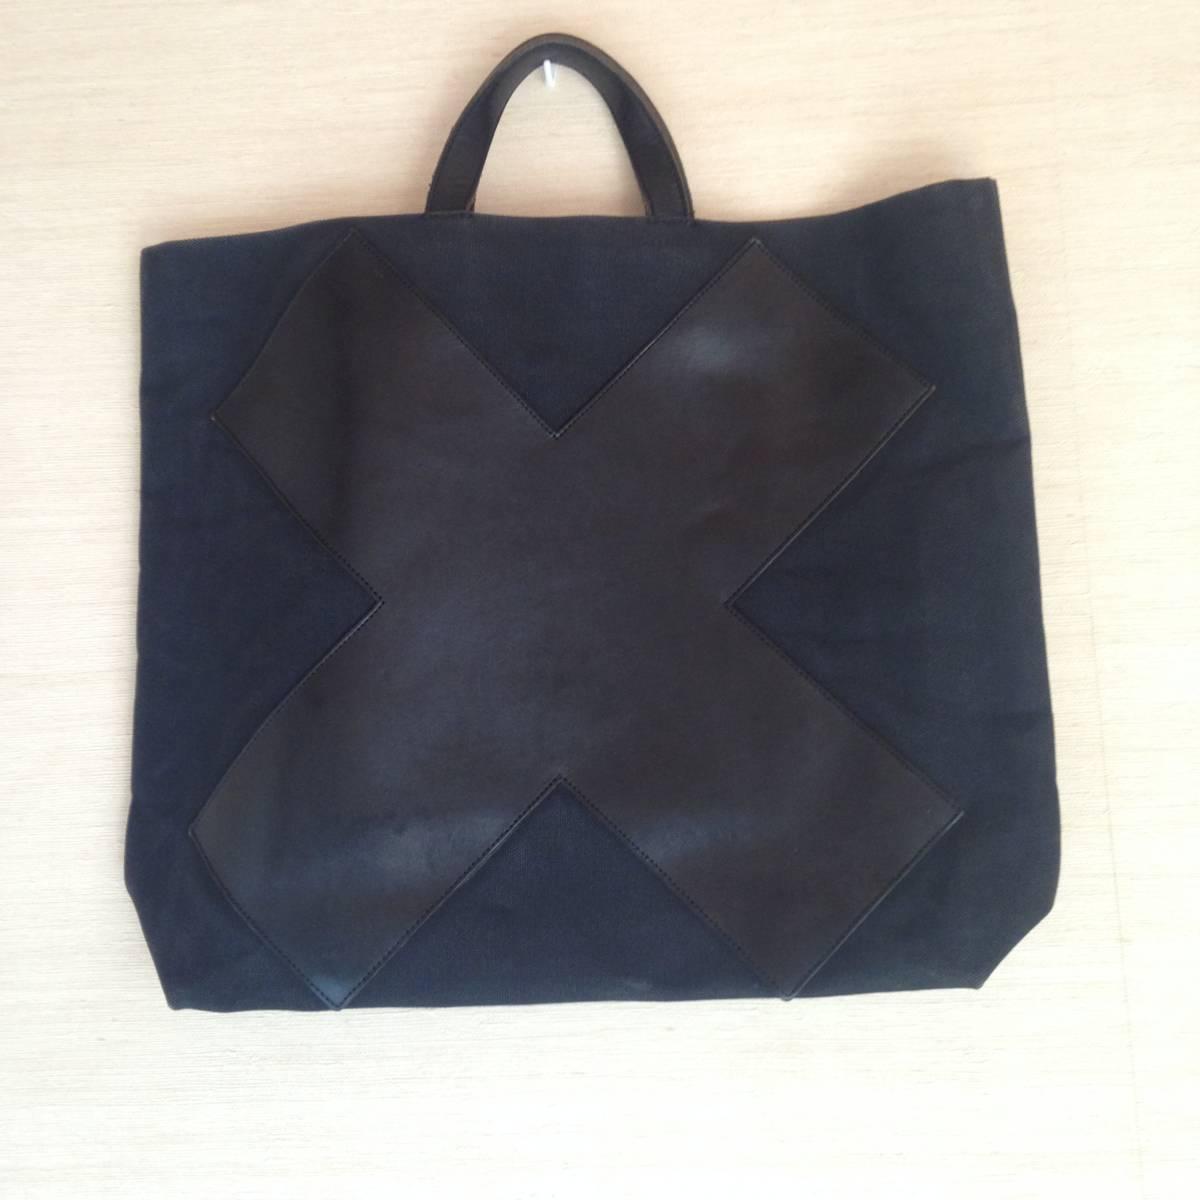 江面旨美トートバッグ 一点物 帆布に牛革 ギャルソン・arts&science・45R・ヨーガンレール好きな方_画像2